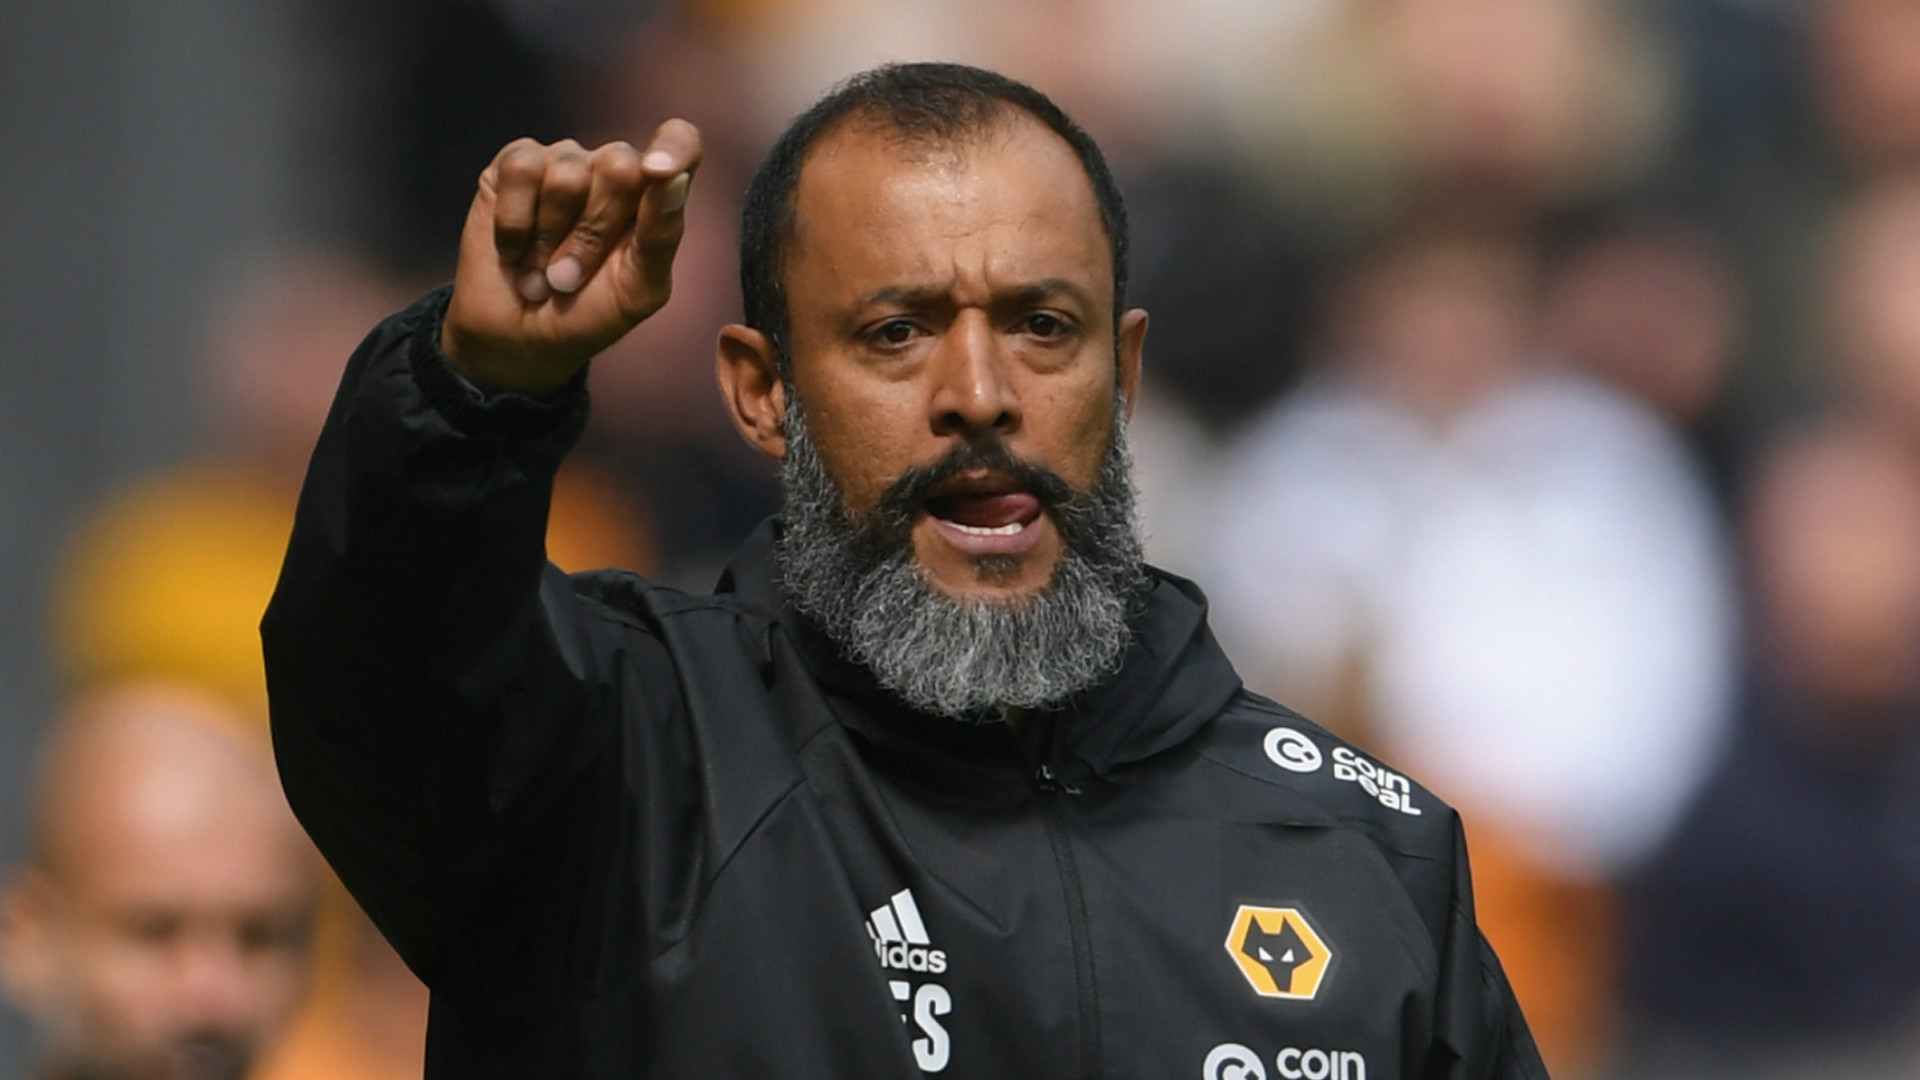 Nuno Espirito Santo Wolves 2018-19